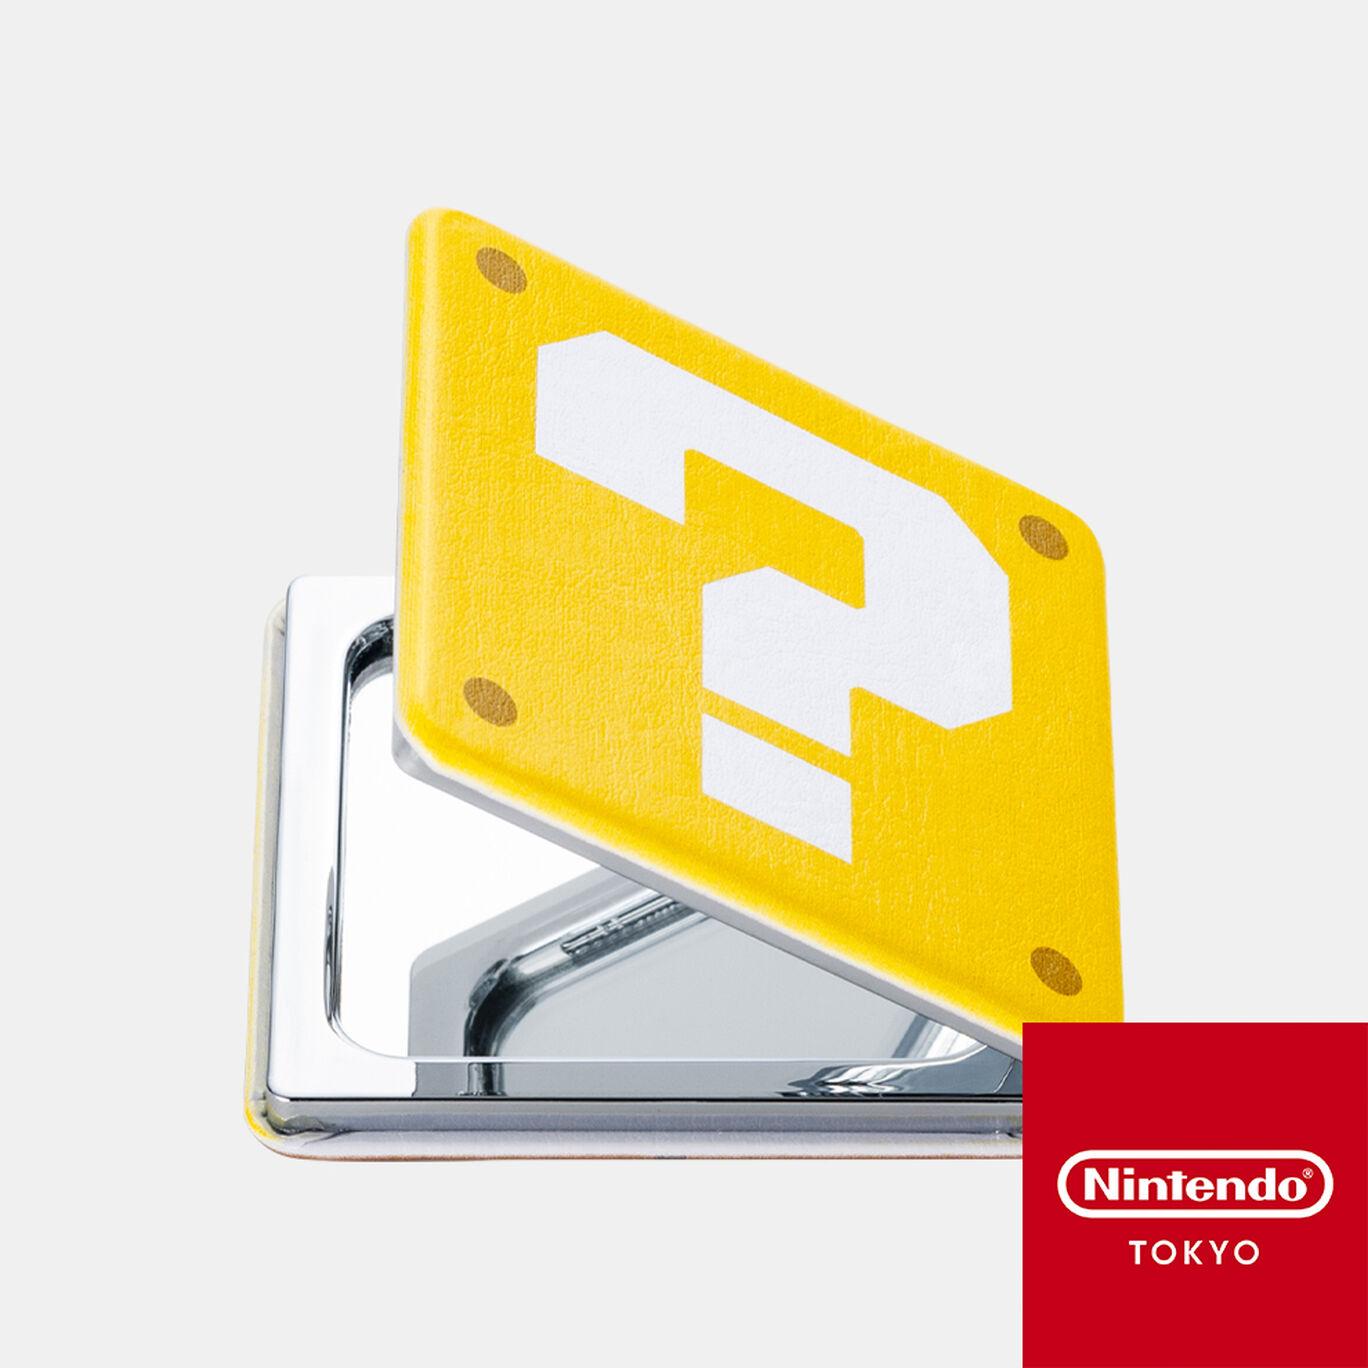 ハンドミラー スーパーマリオ【Nintendo TOKYO取り扱い商品】